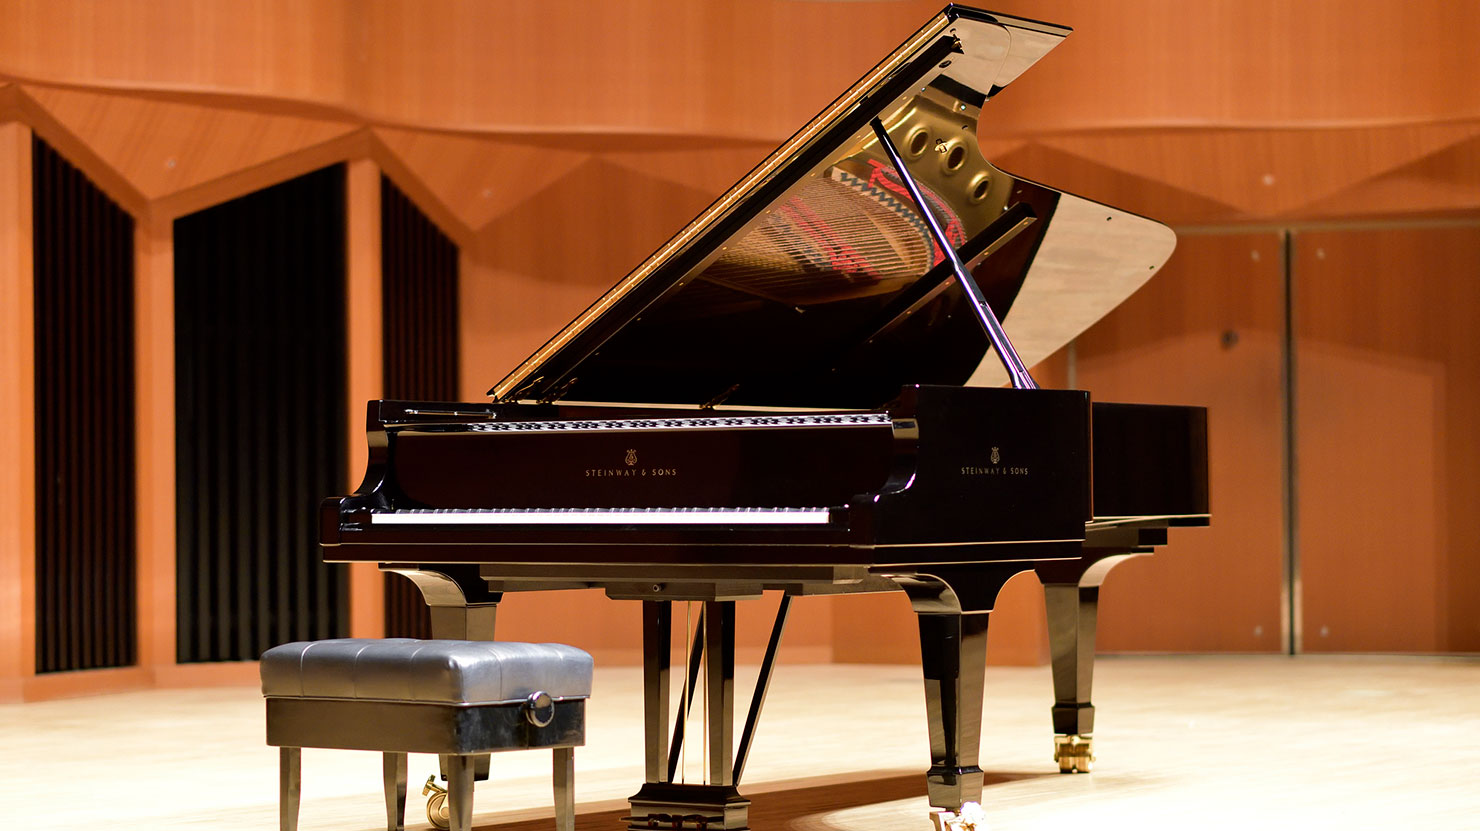 ピアノが楽器の王様と呼ばれてい...